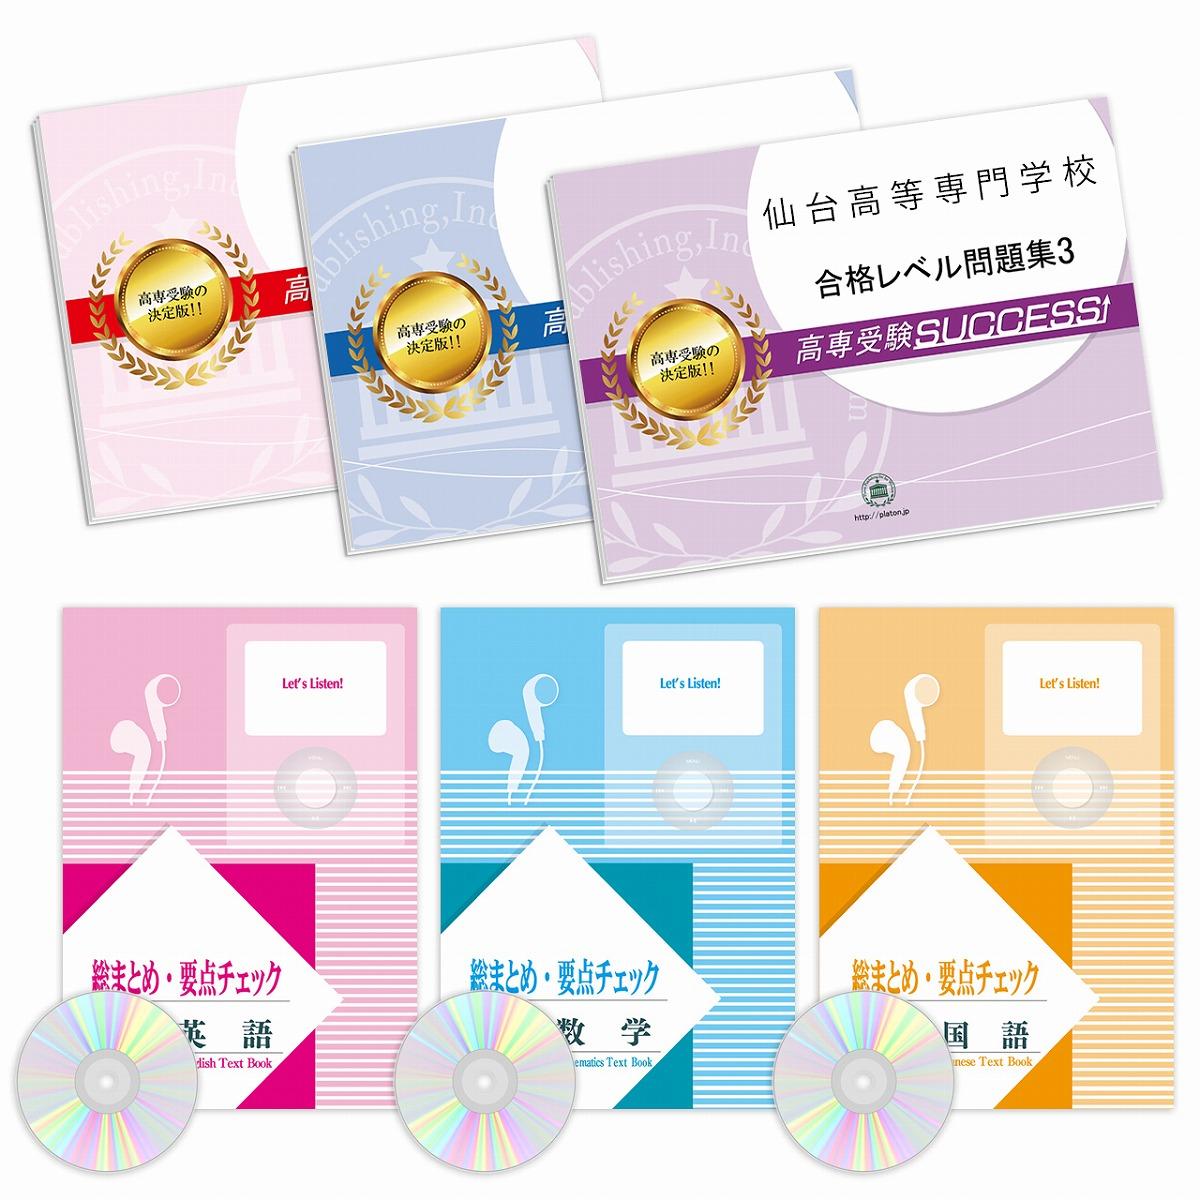 【送料・代引手数料無料】仙台高等専門学校受験合格セット(6冊)